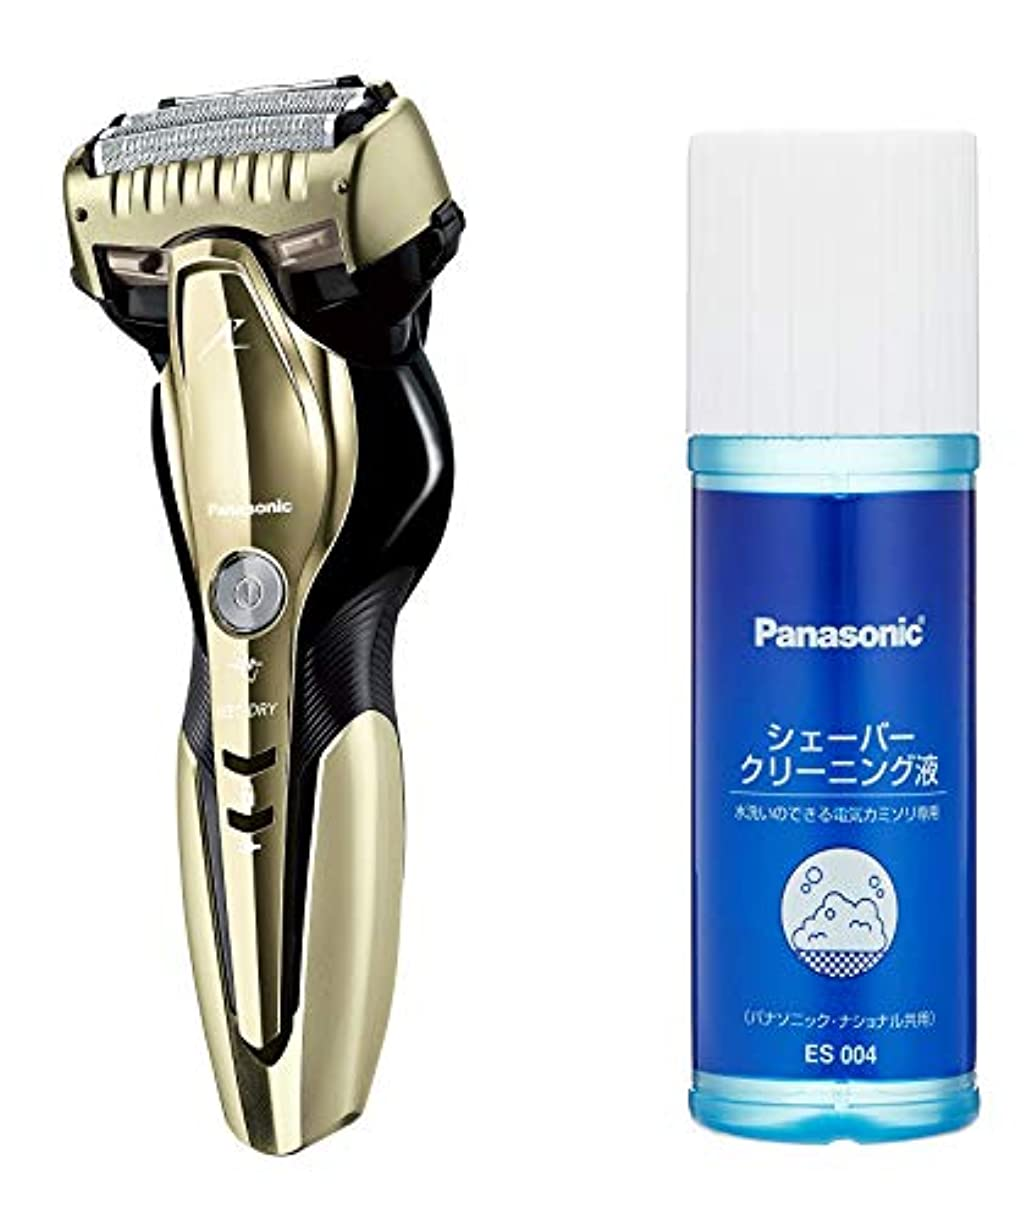 喜劇証言郵便屋さんパナソニック ラムダッシュ メンズシェーバー 3枚刃 お風呂剃り可 ゴールド調 ES-ST8Q-N + シェーバークリーニング液 セット